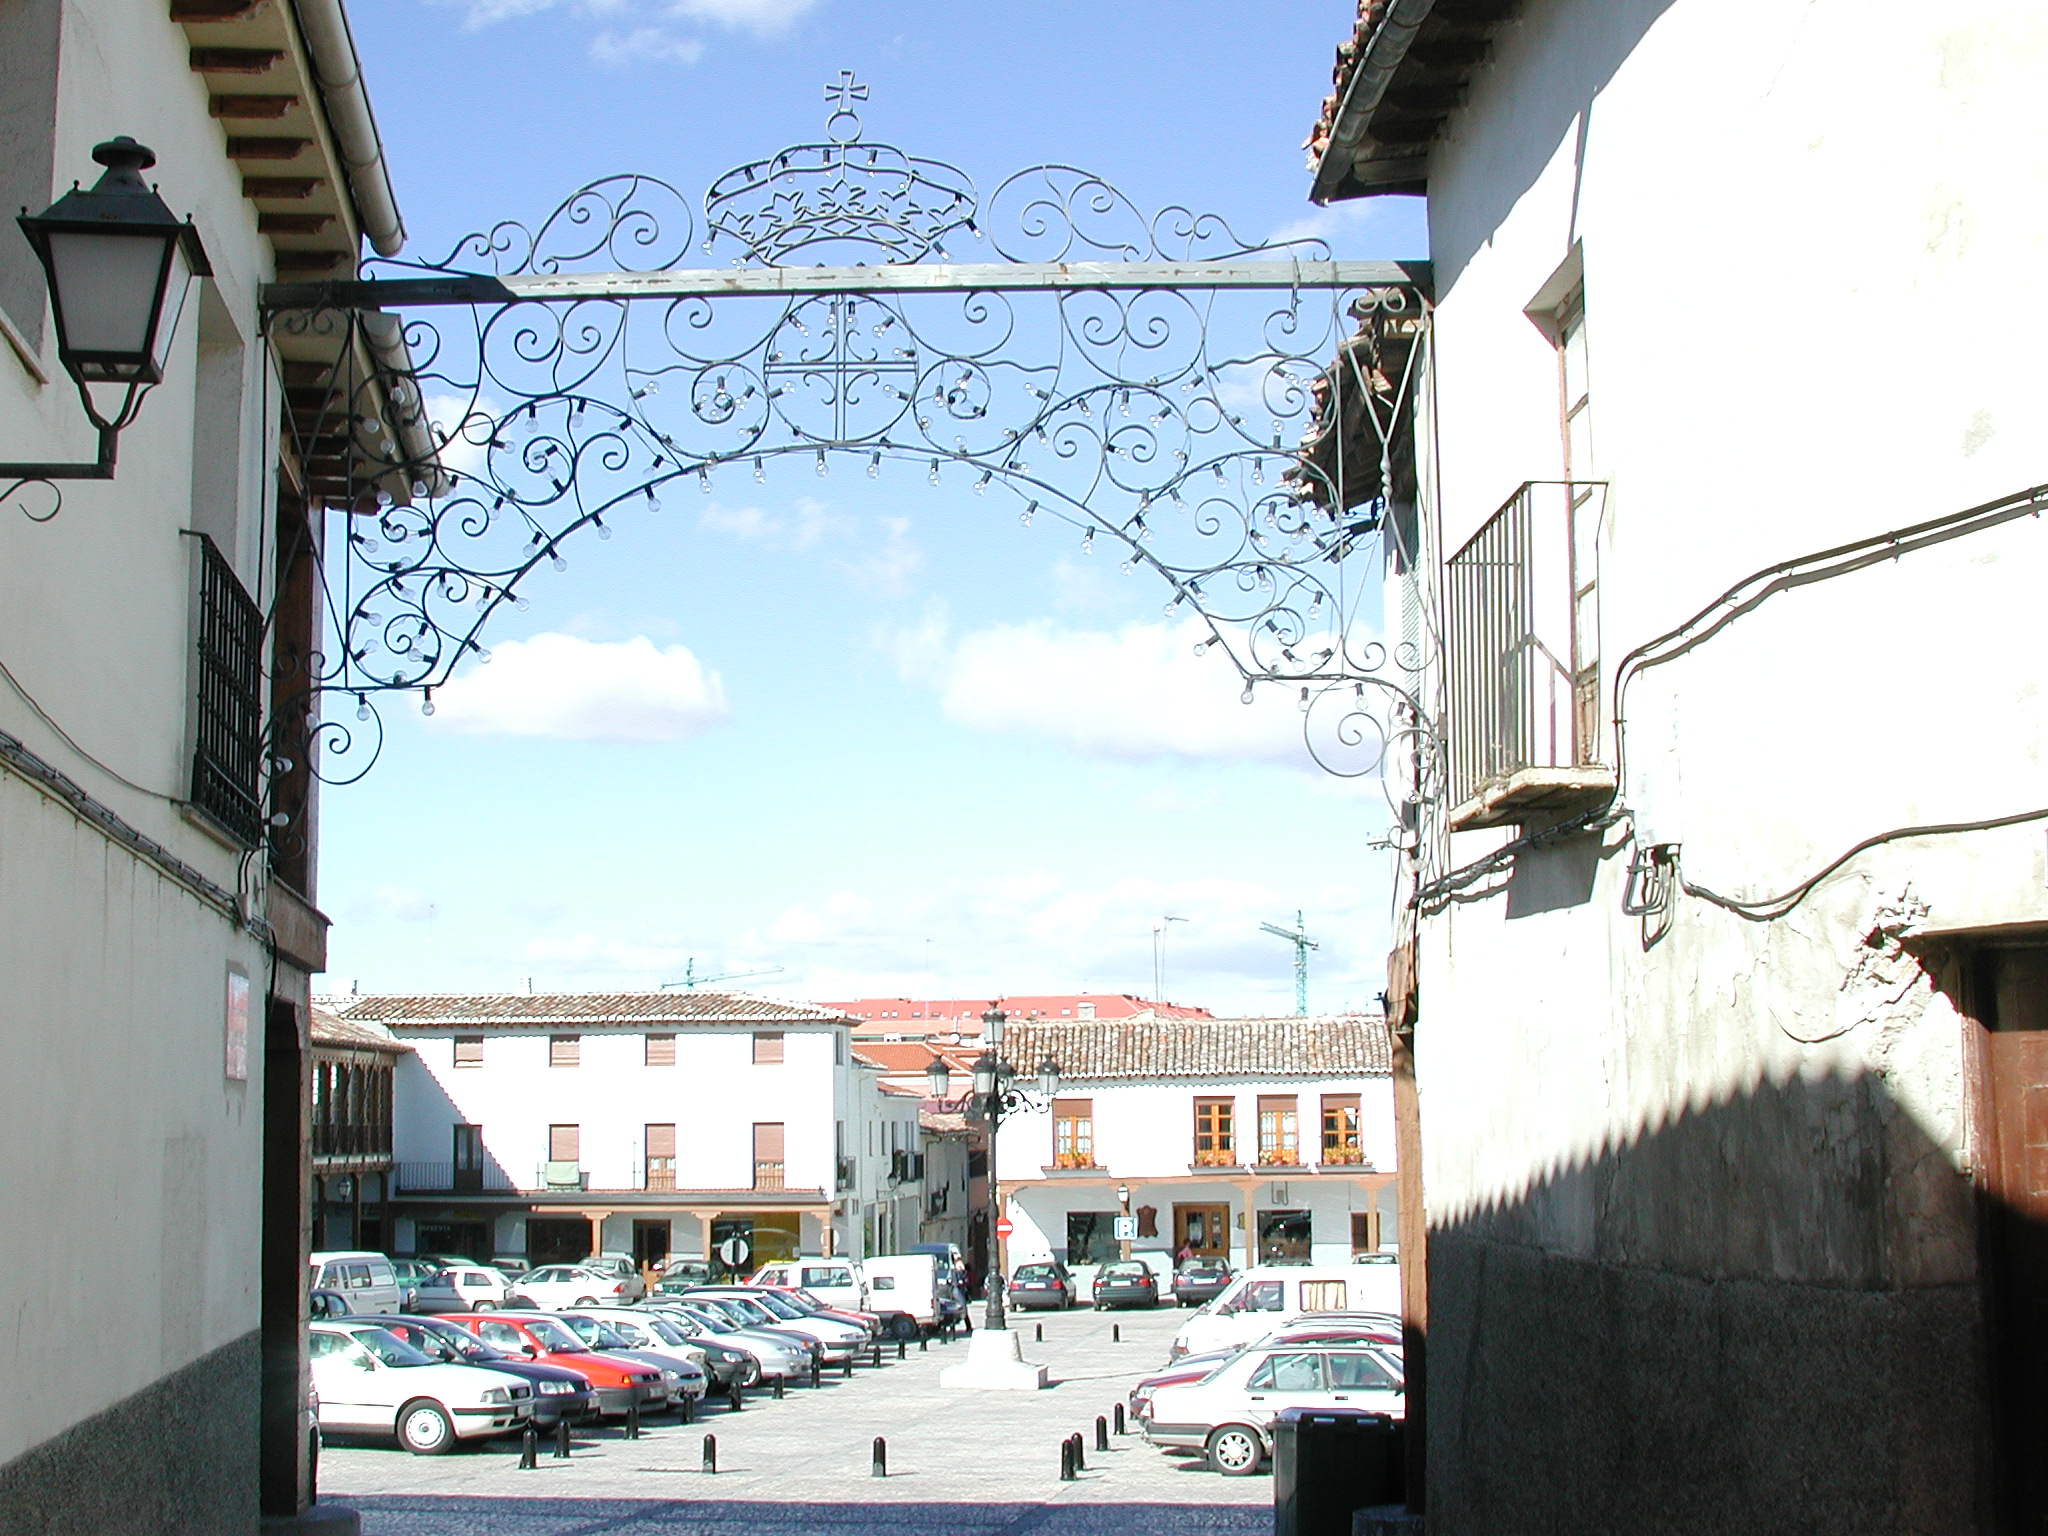 Calle y plaza en Valdemoro